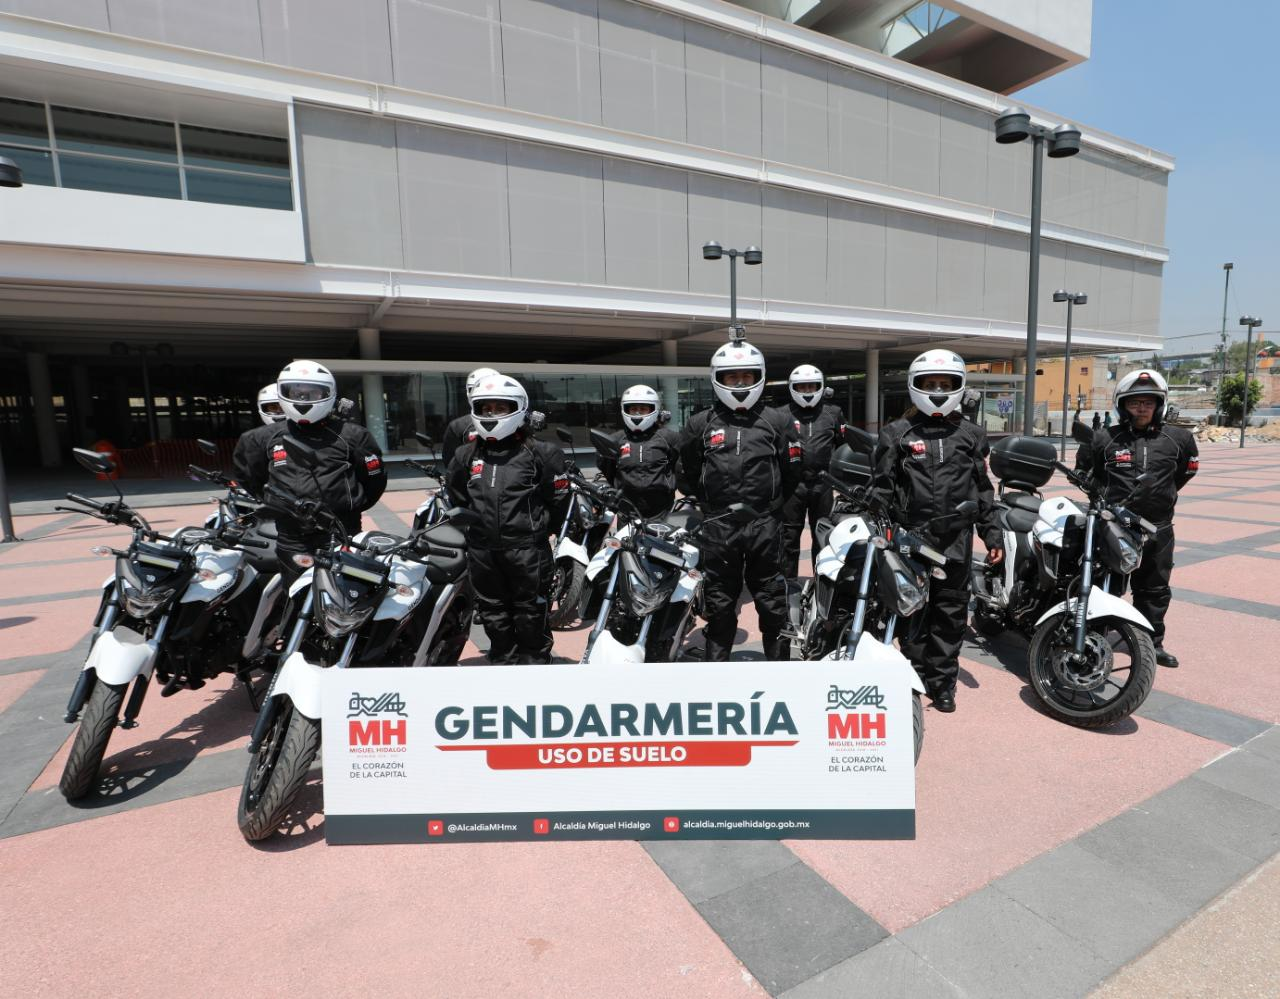 Evita gendarmería cientos de irregularidades en Miguel Hidalgo